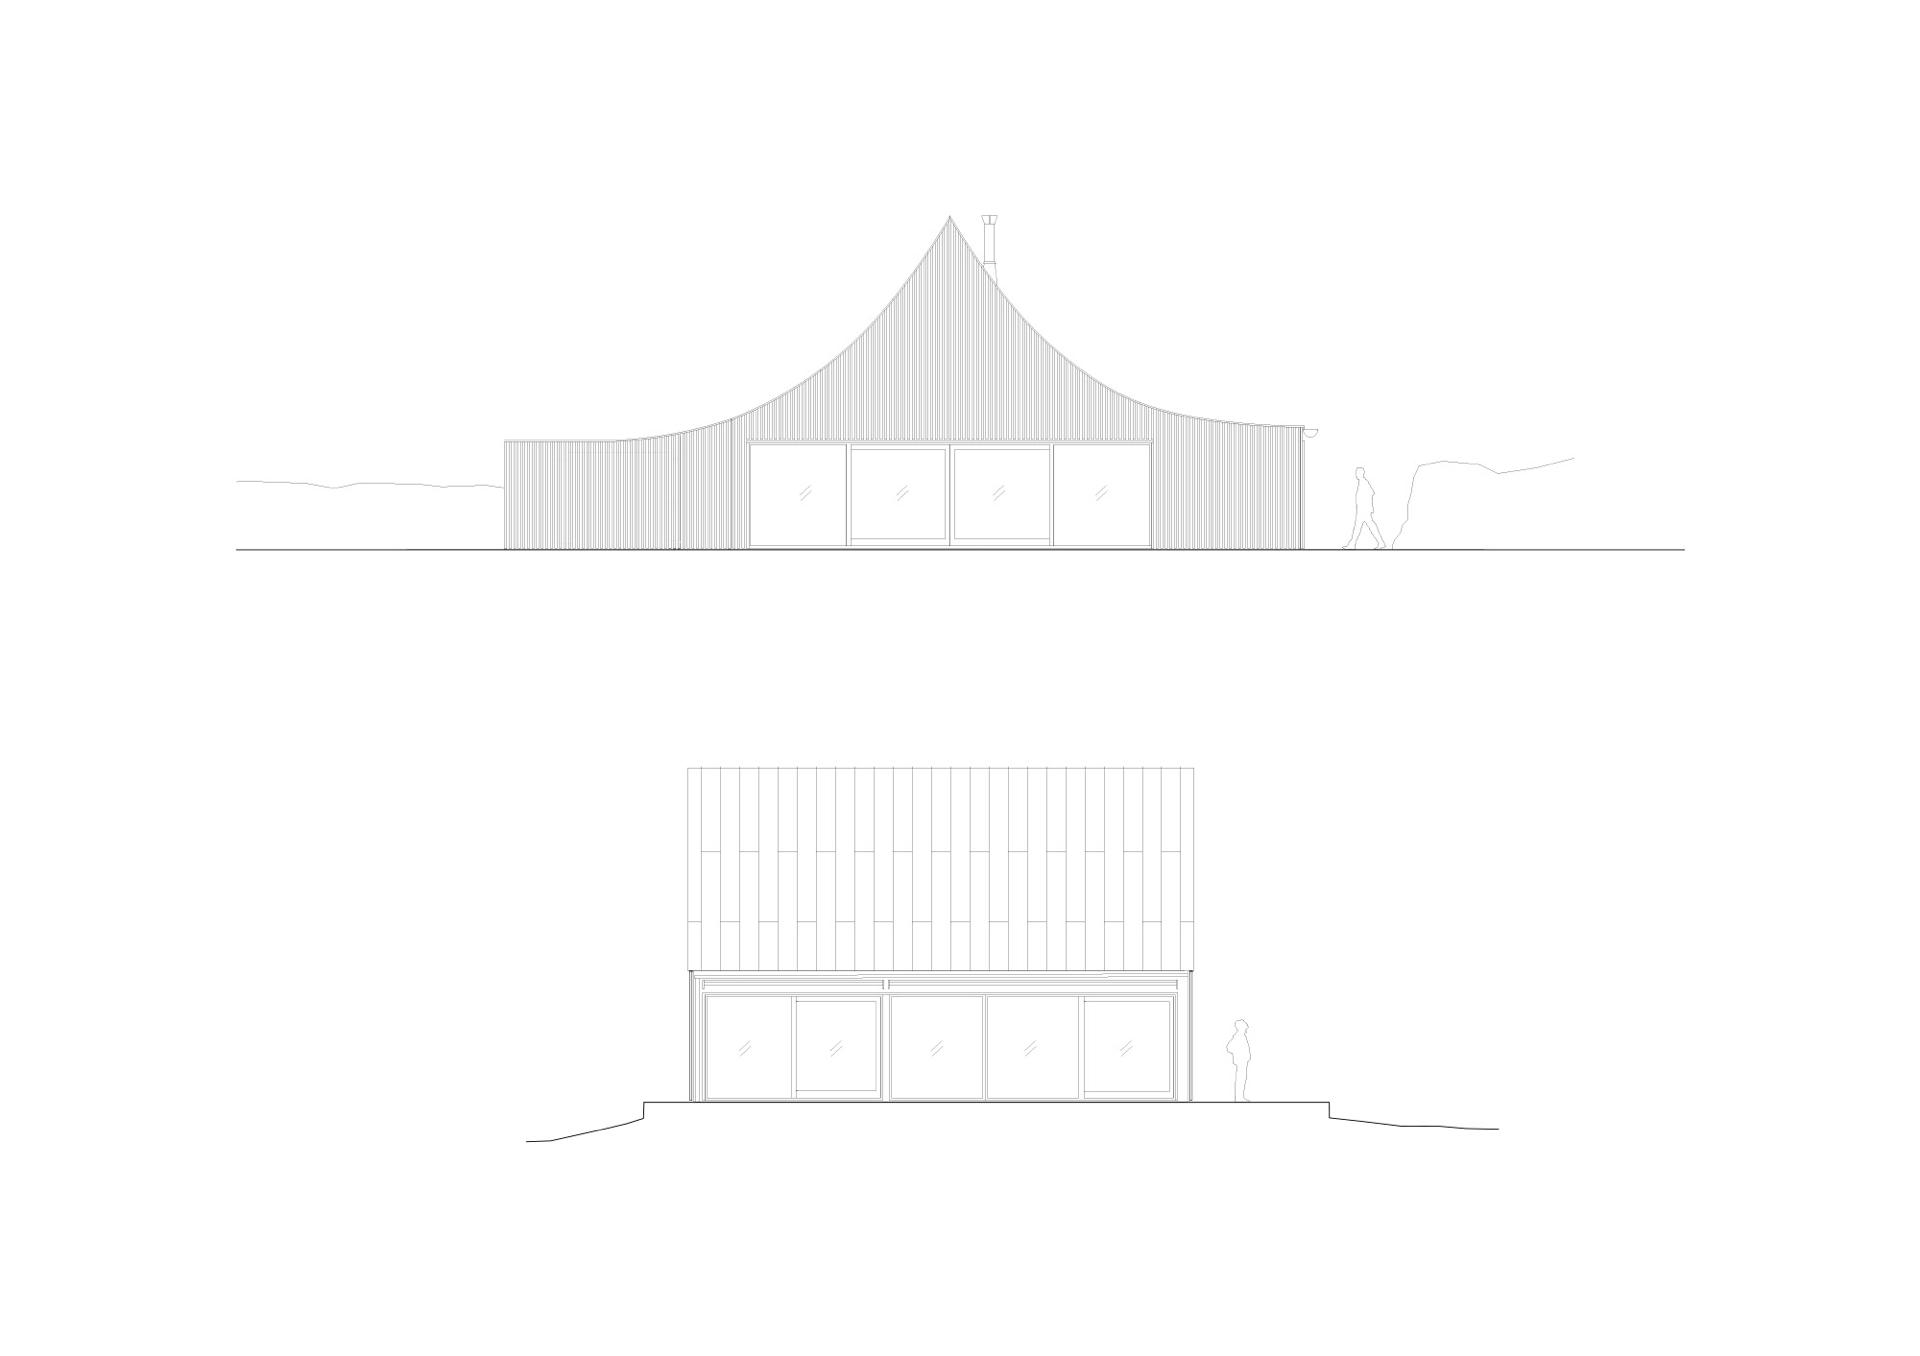 Tham & Videgård und das Haus Krokholmen, Stockholm